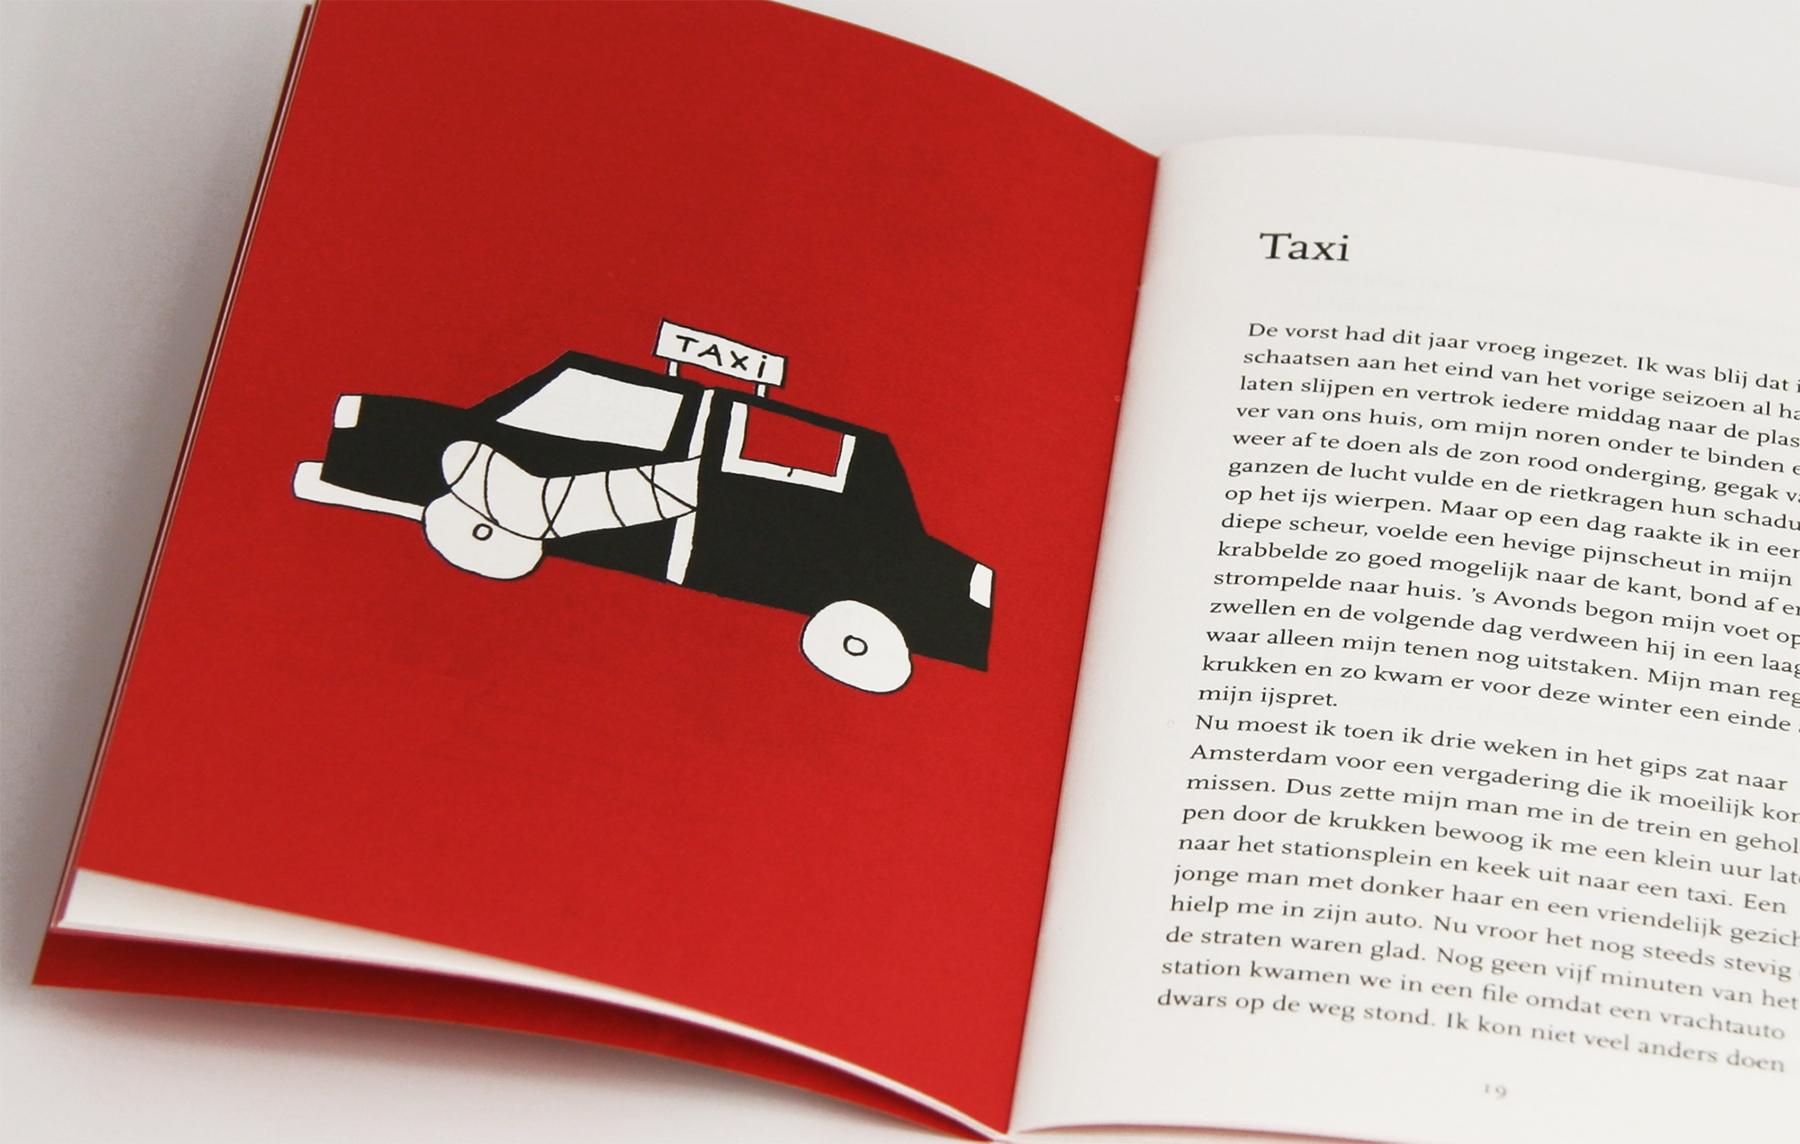 Kerstverhaal rode boekje taxi gebroken been